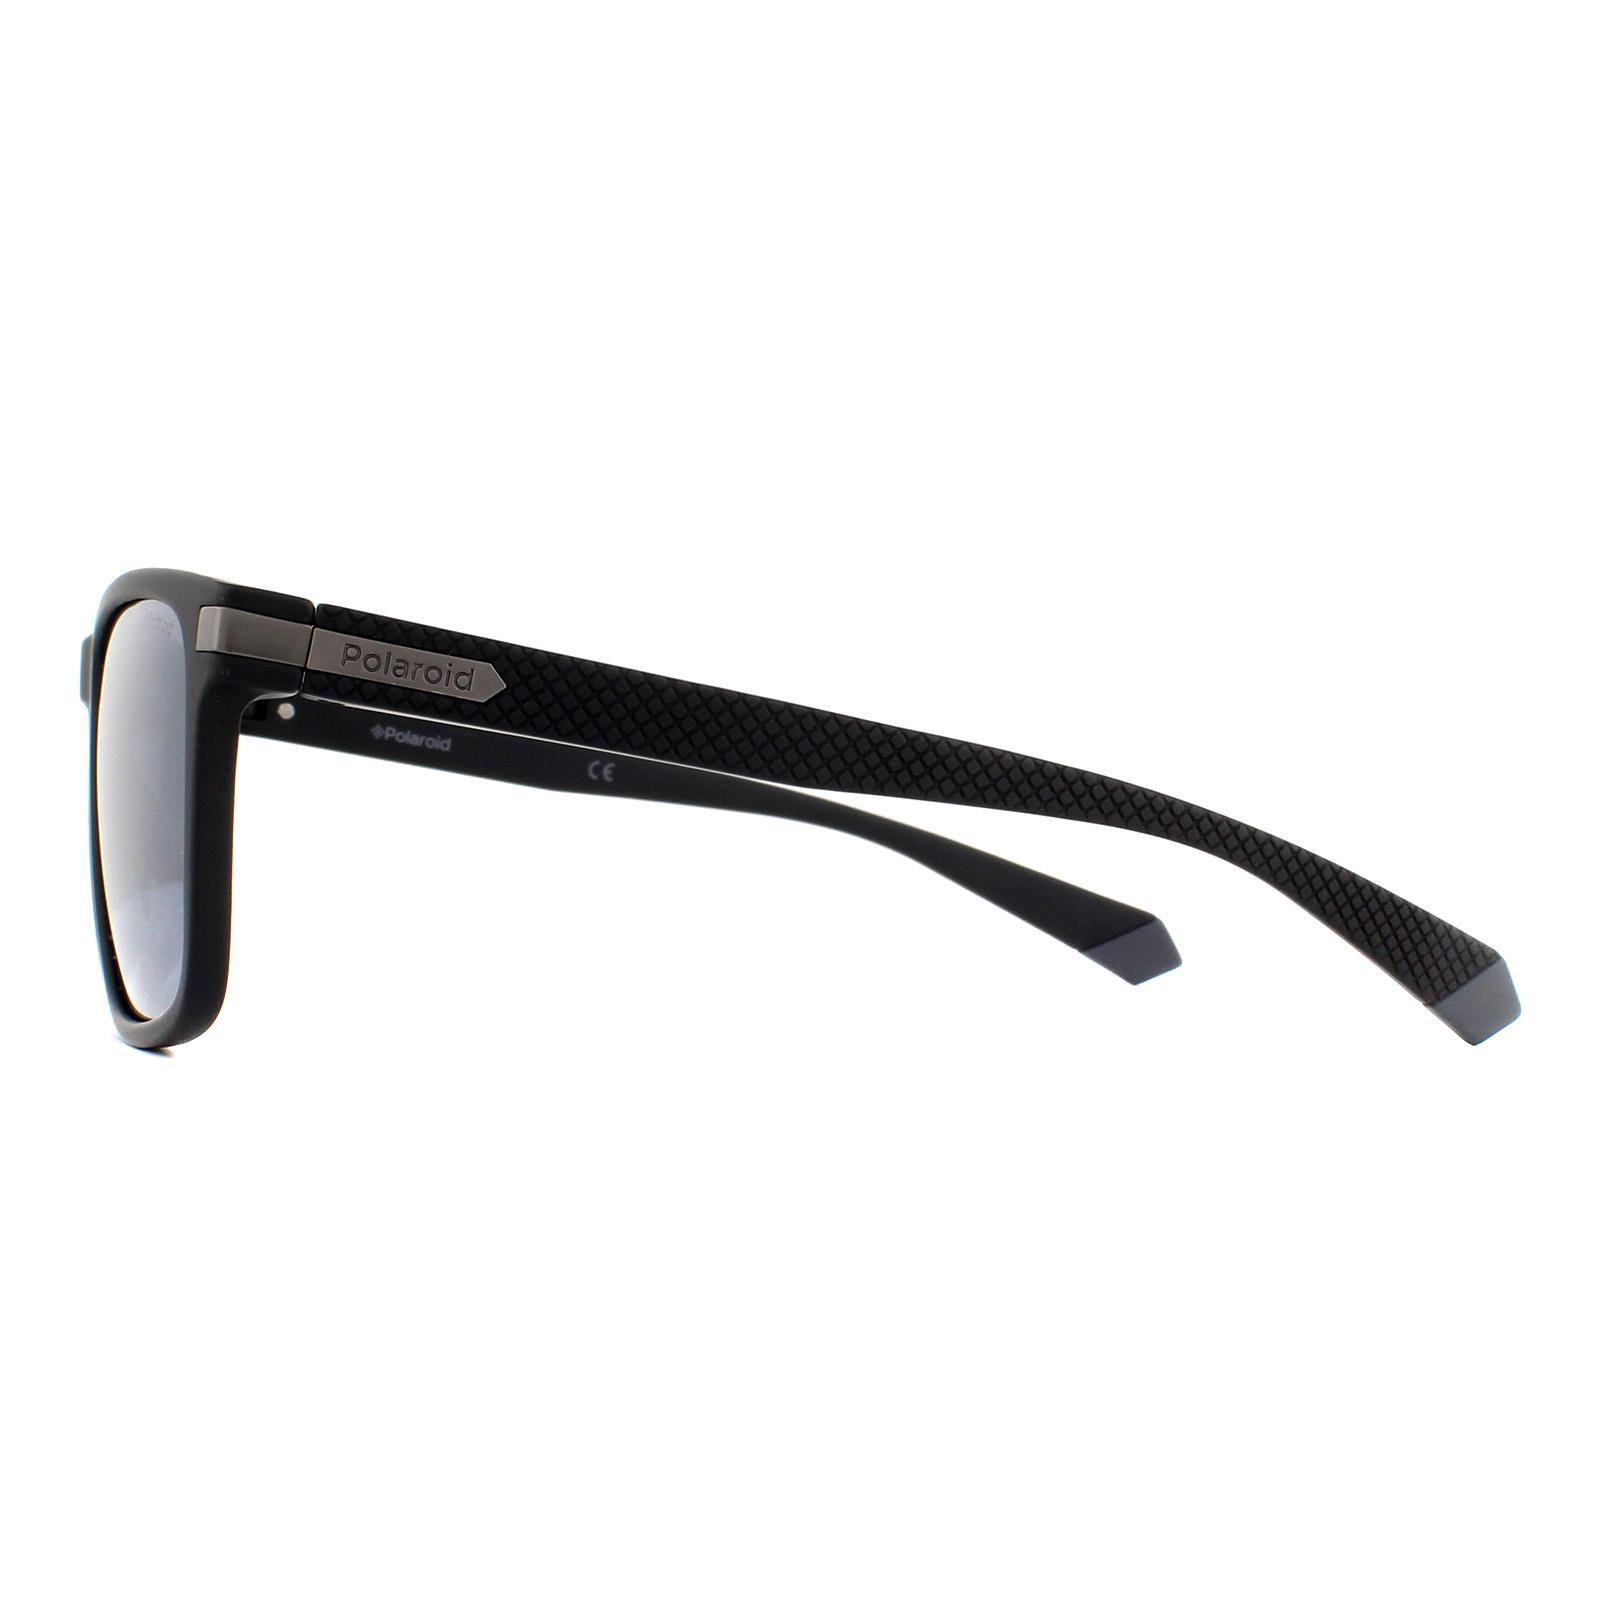 Polaroid Sunglasses PLD 2088/S 003 EX Matte Black Silver Mirror Polarized